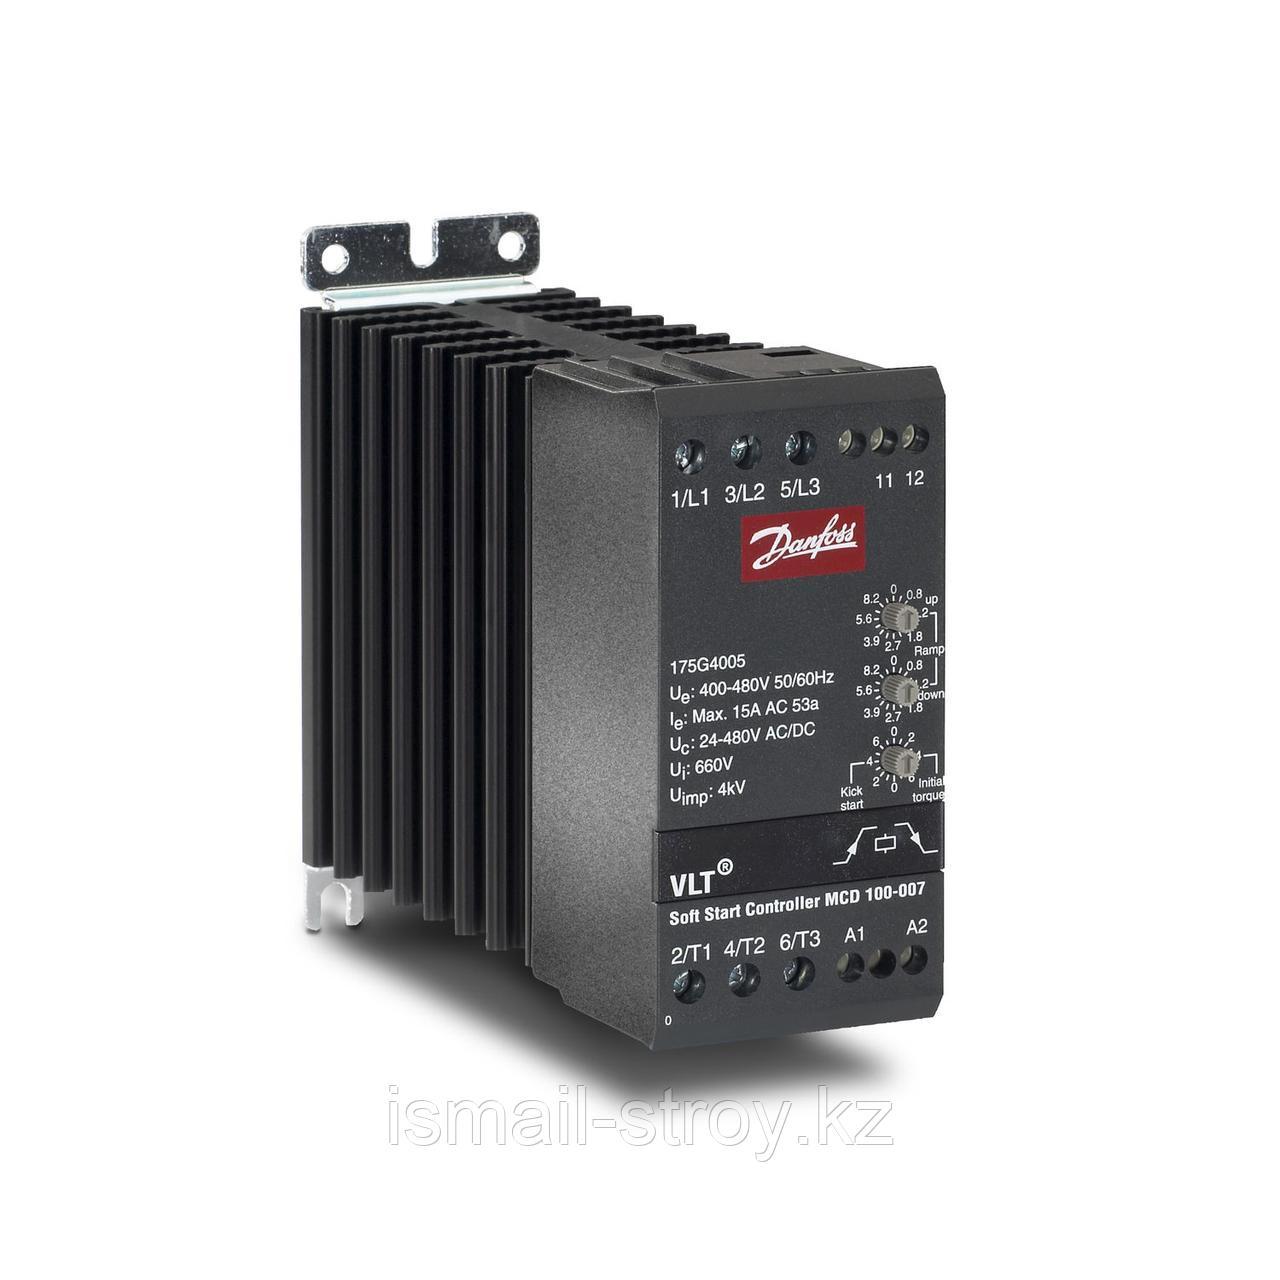 Устройство плавного пуска VLT MCD 100. 175G4005 кВт 7,5